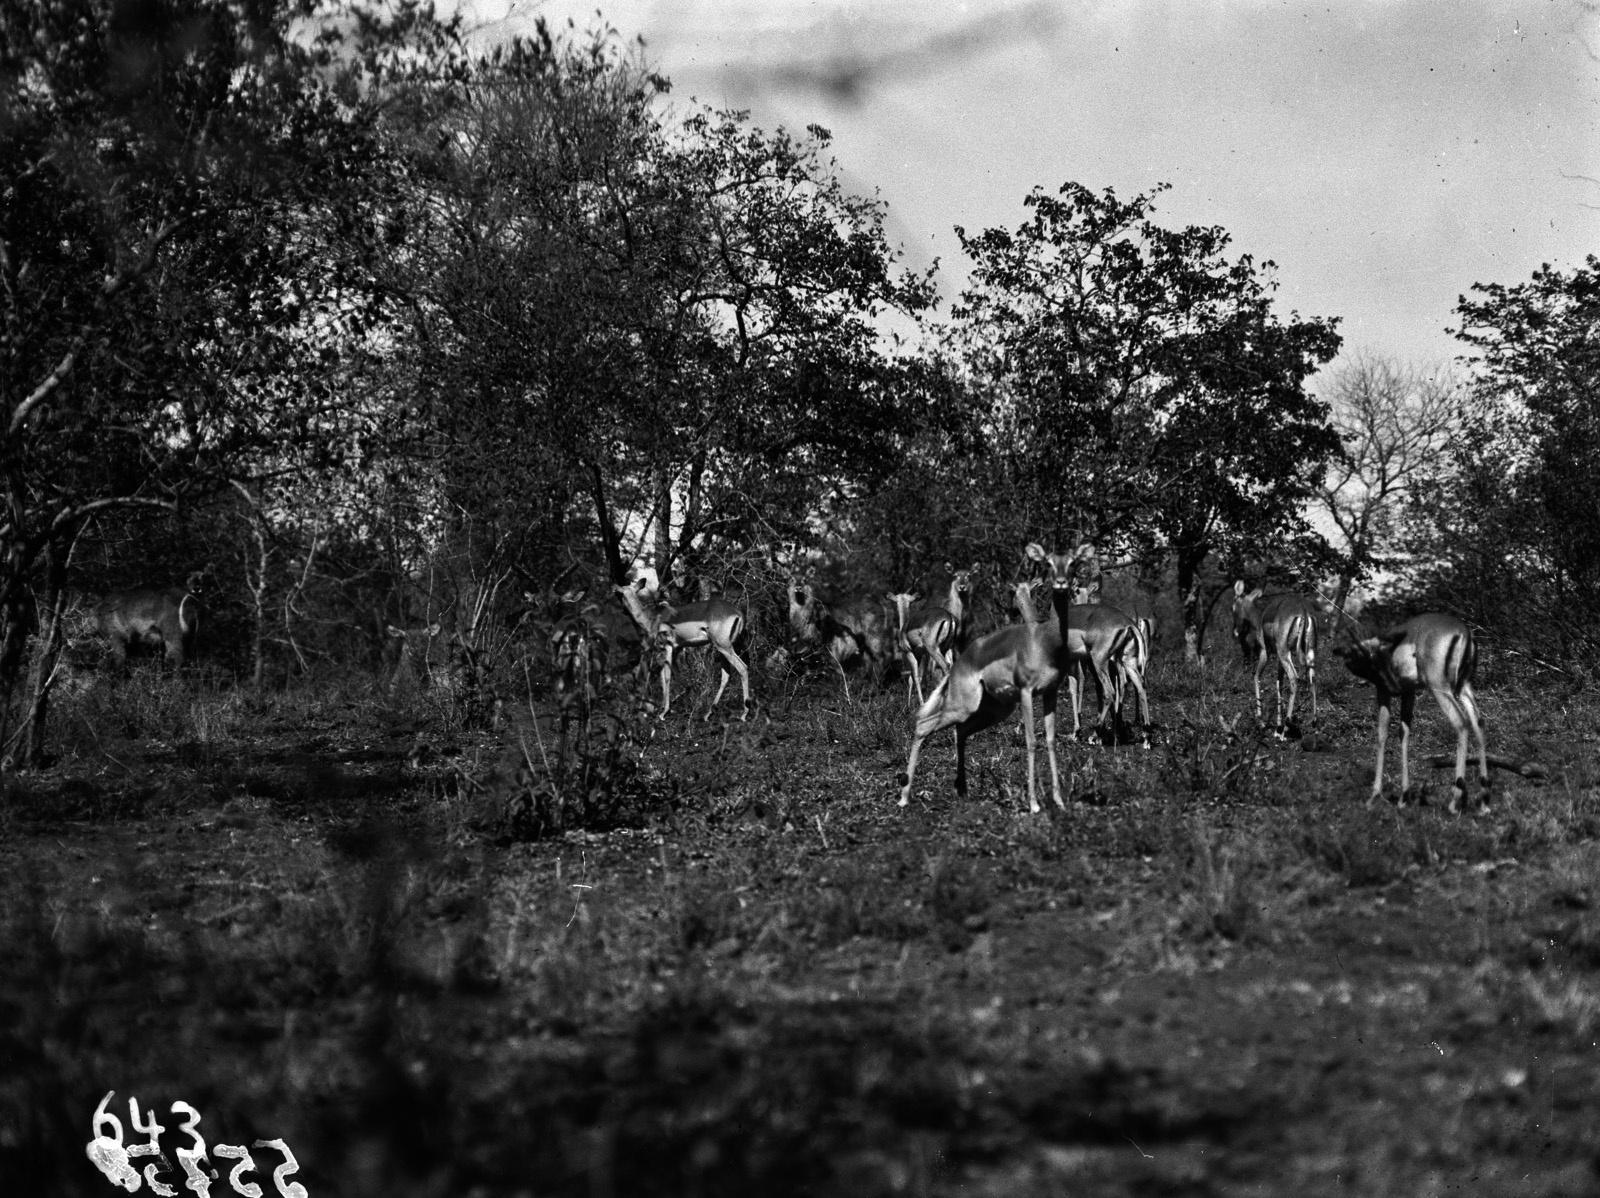 Национальный парк Крюгера. Антилопы импалы в саванне